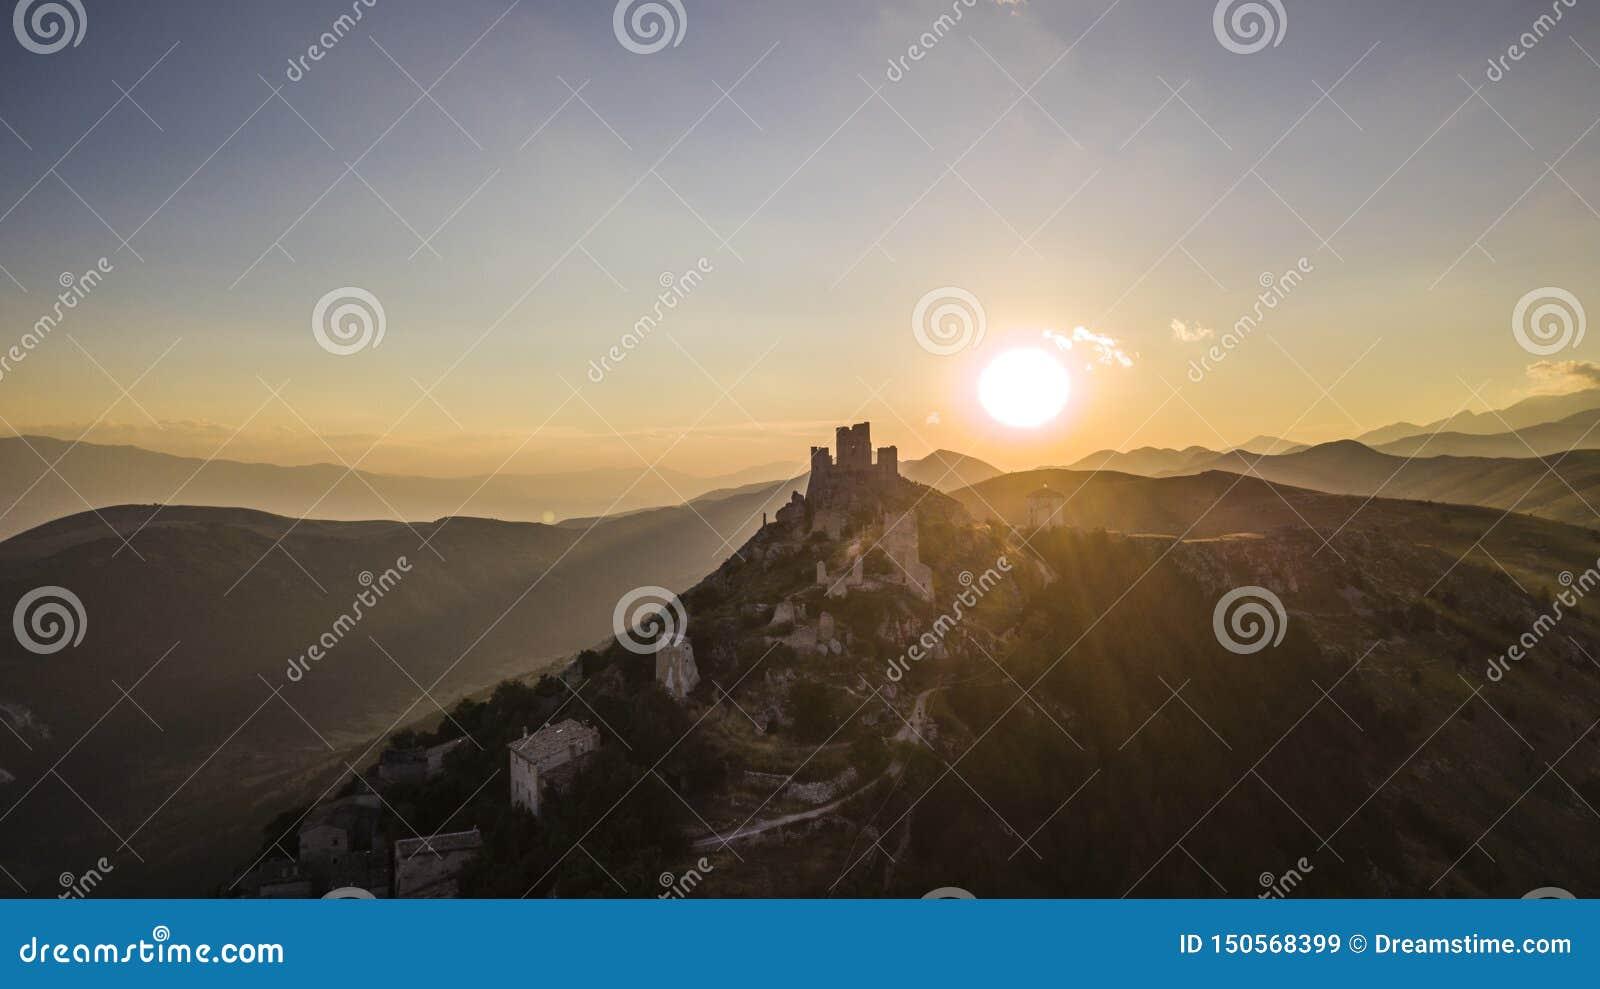 Sonnenuntergang des Schlosses, Rocca Calascio, Abruzzo, Italien